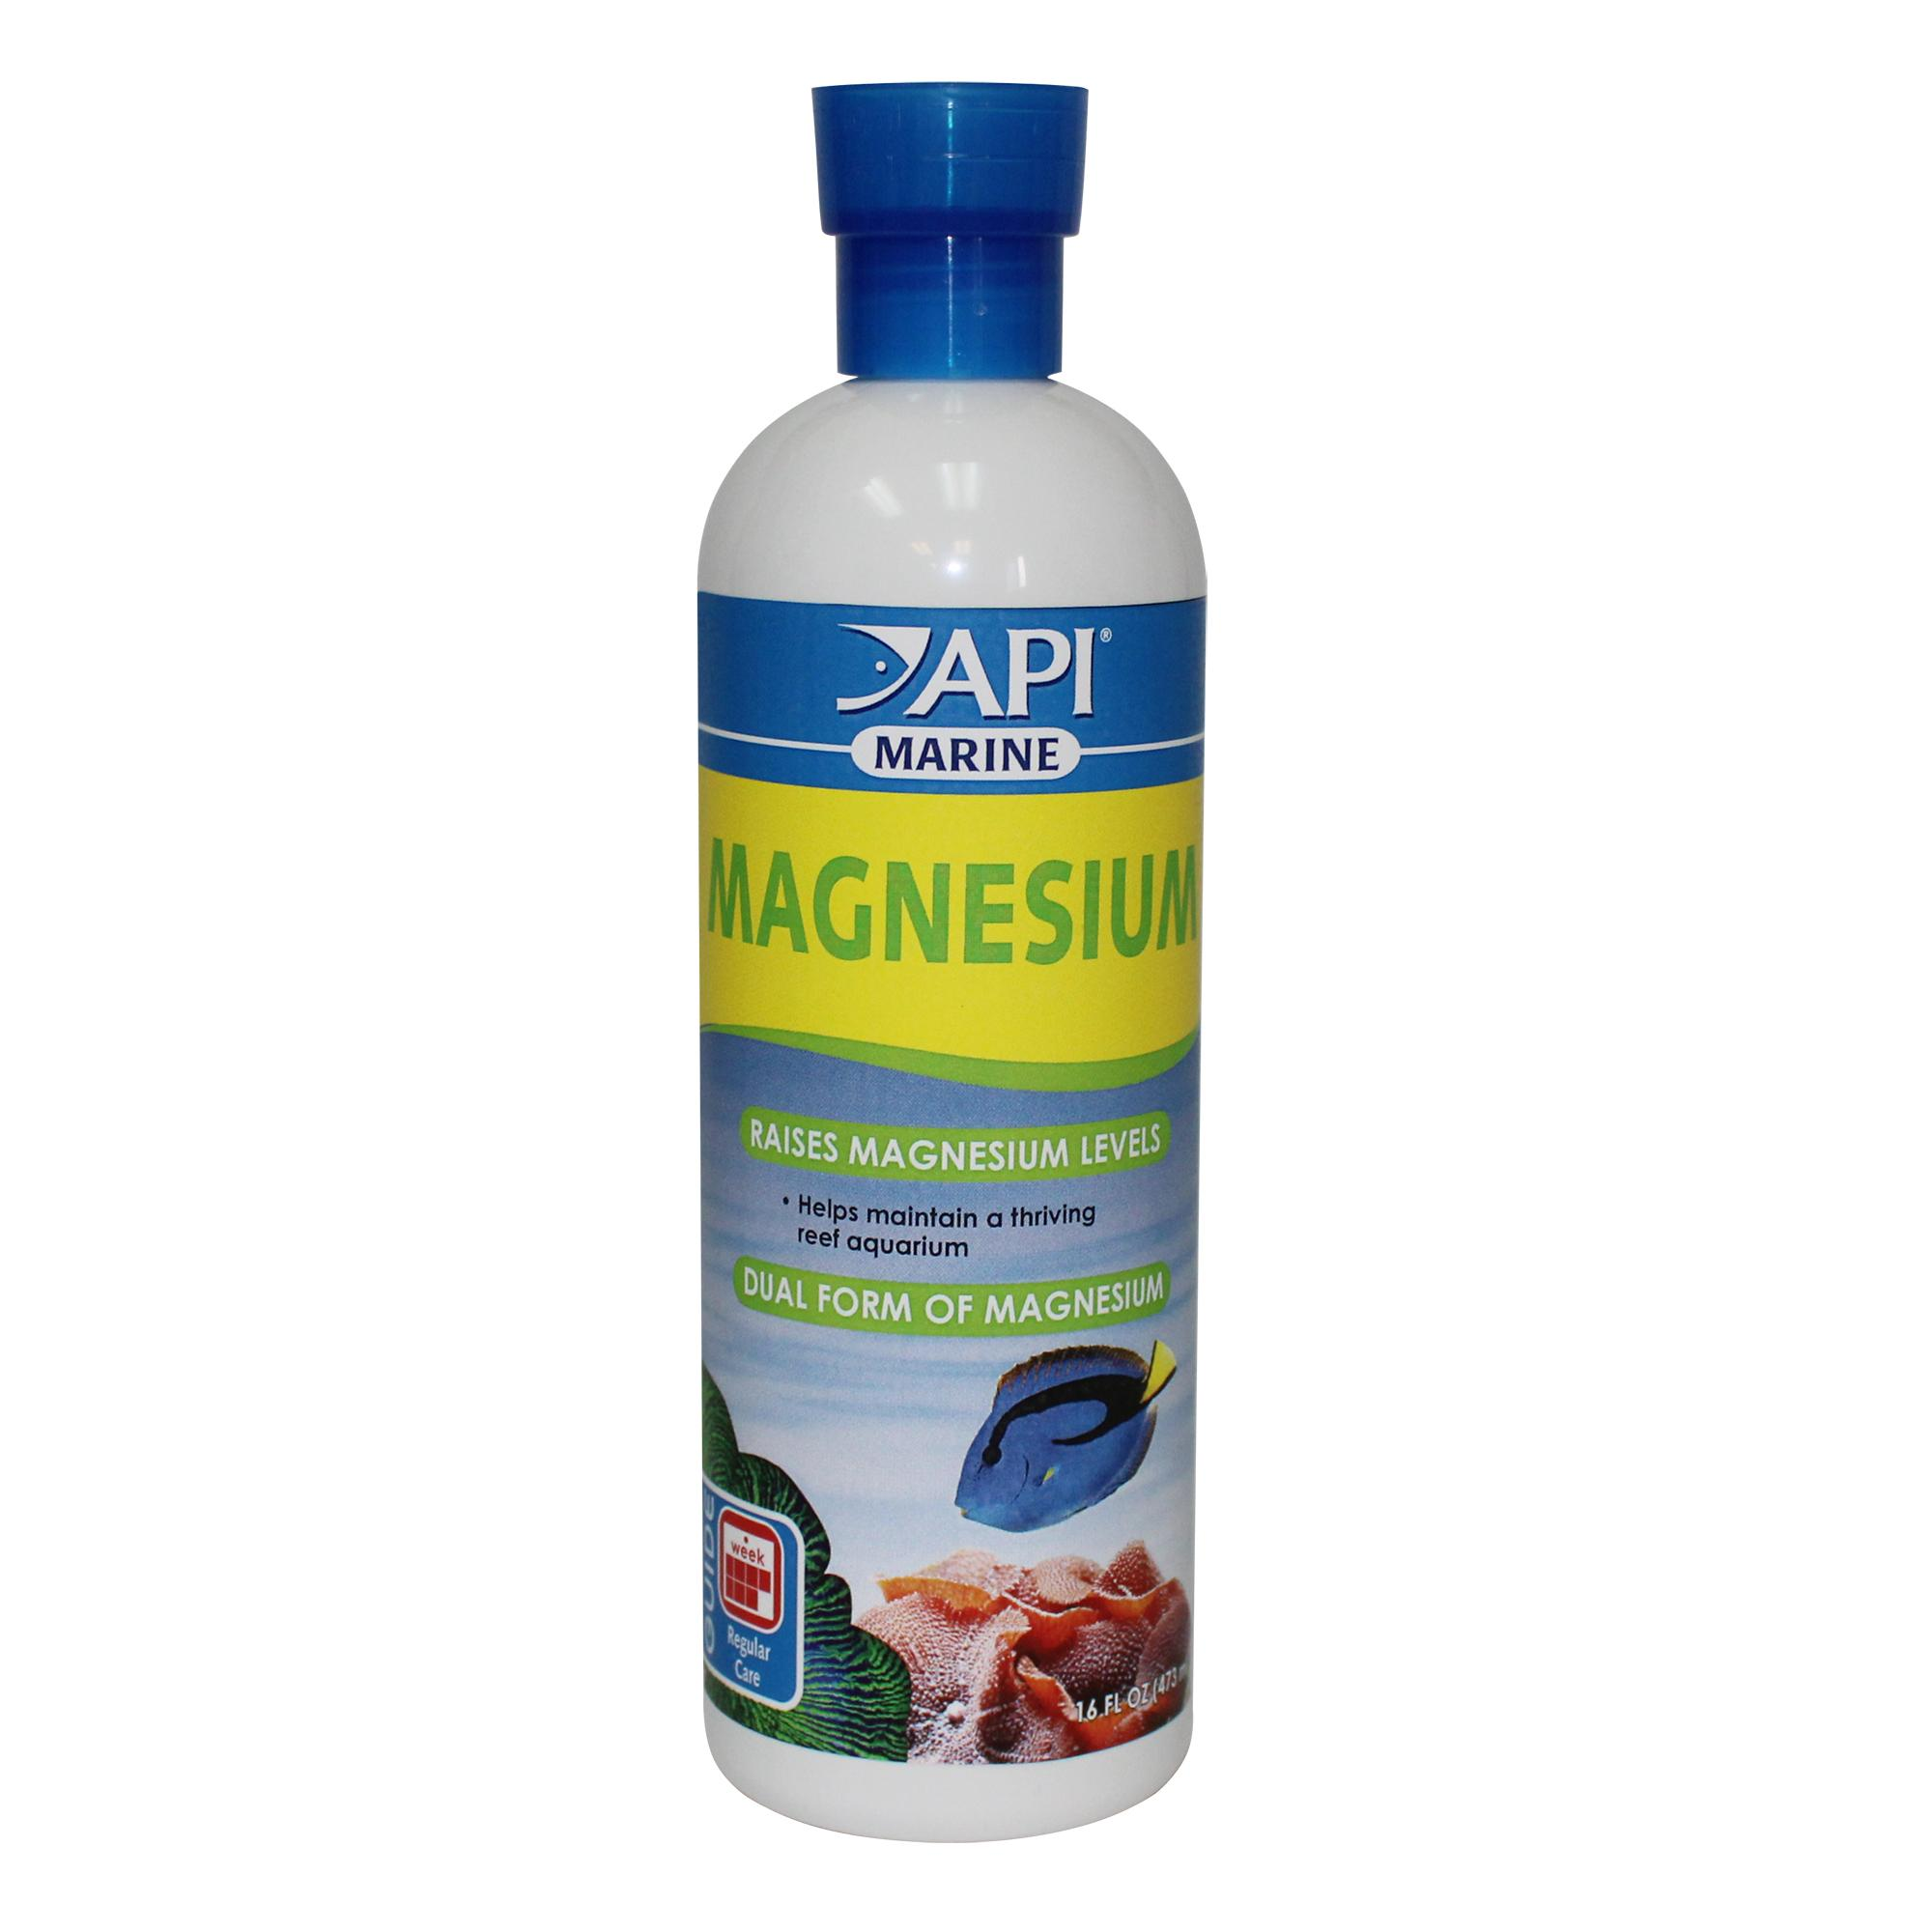 MARINE MAGNESIUM